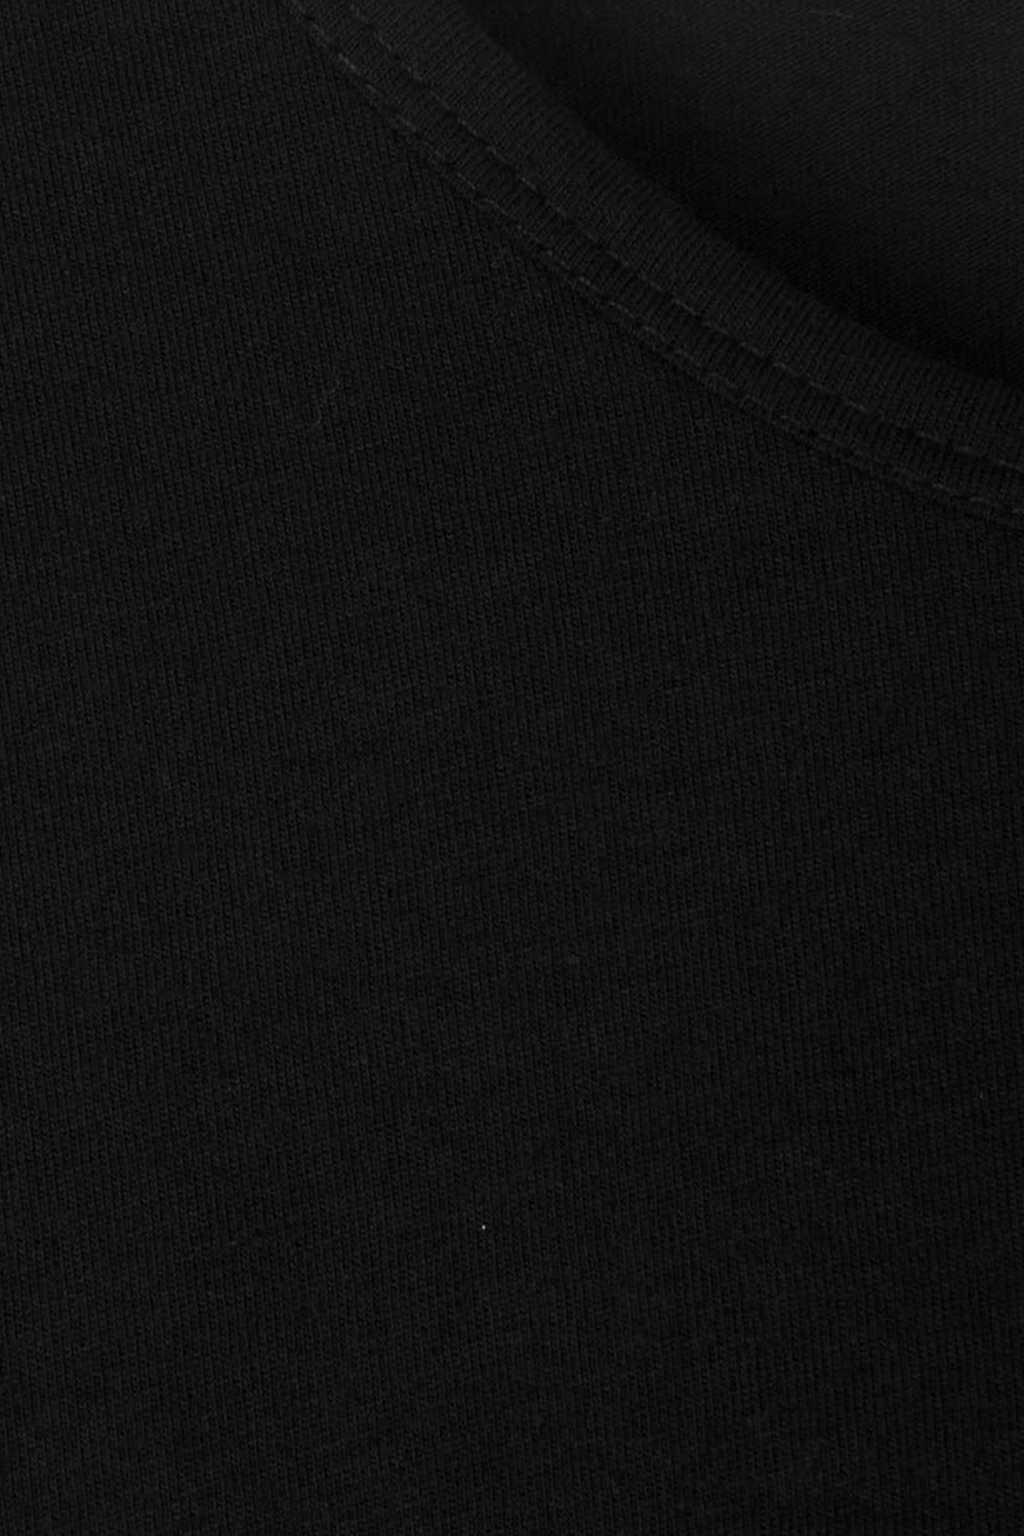 TShirt 1435 Black 10